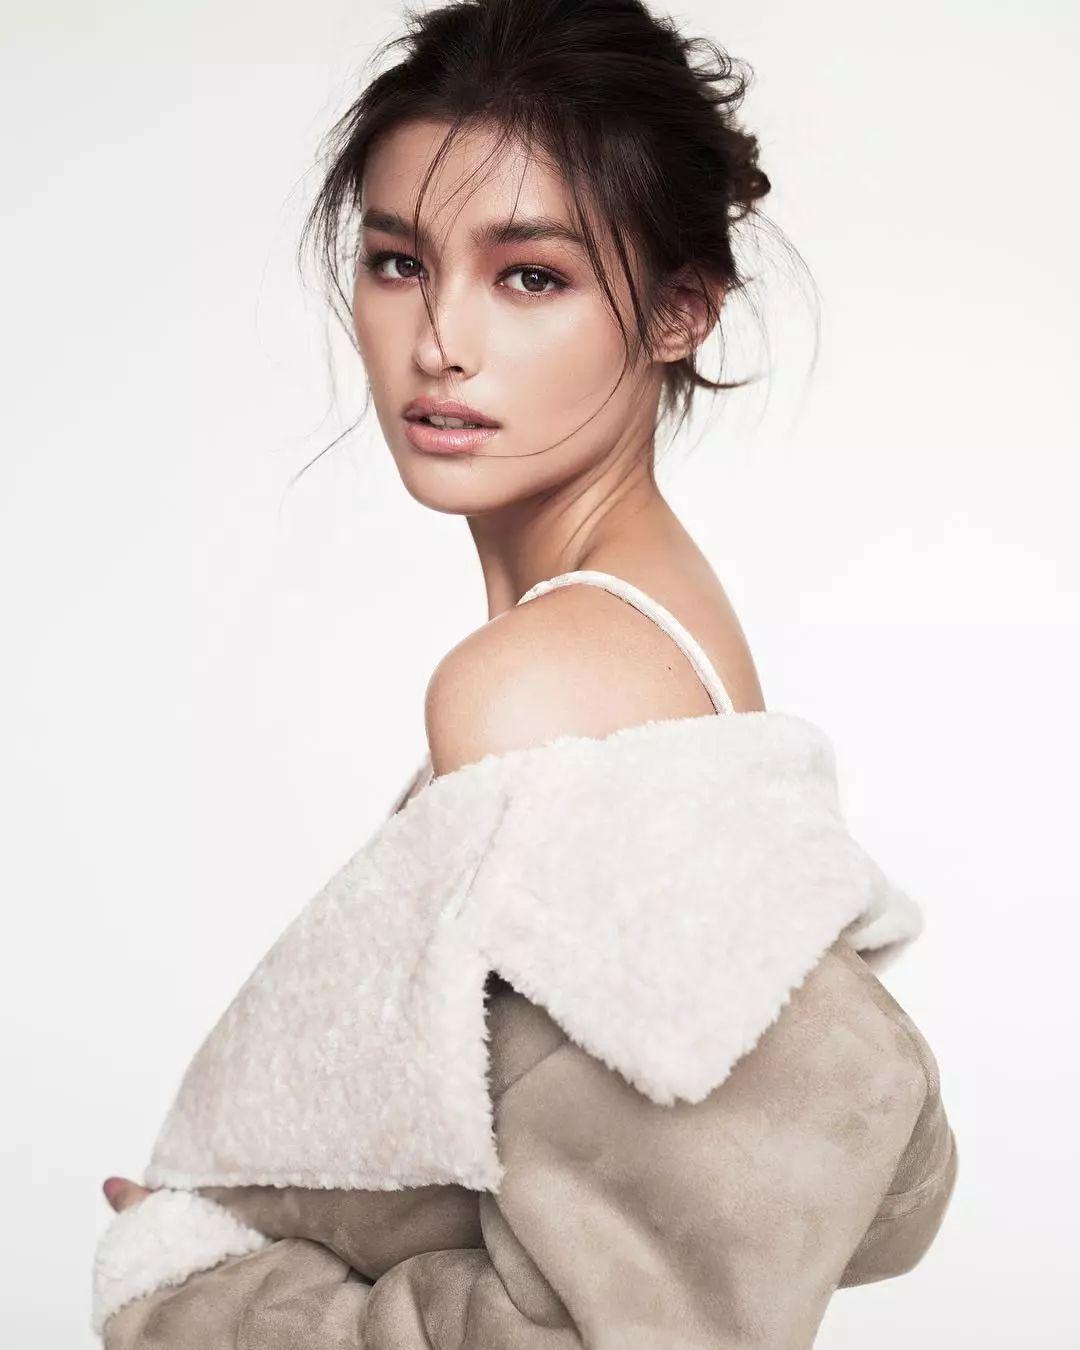 2017全球最美面孔我居然不认识?!中国排名最高的她凭什么赢了热巴和林允?